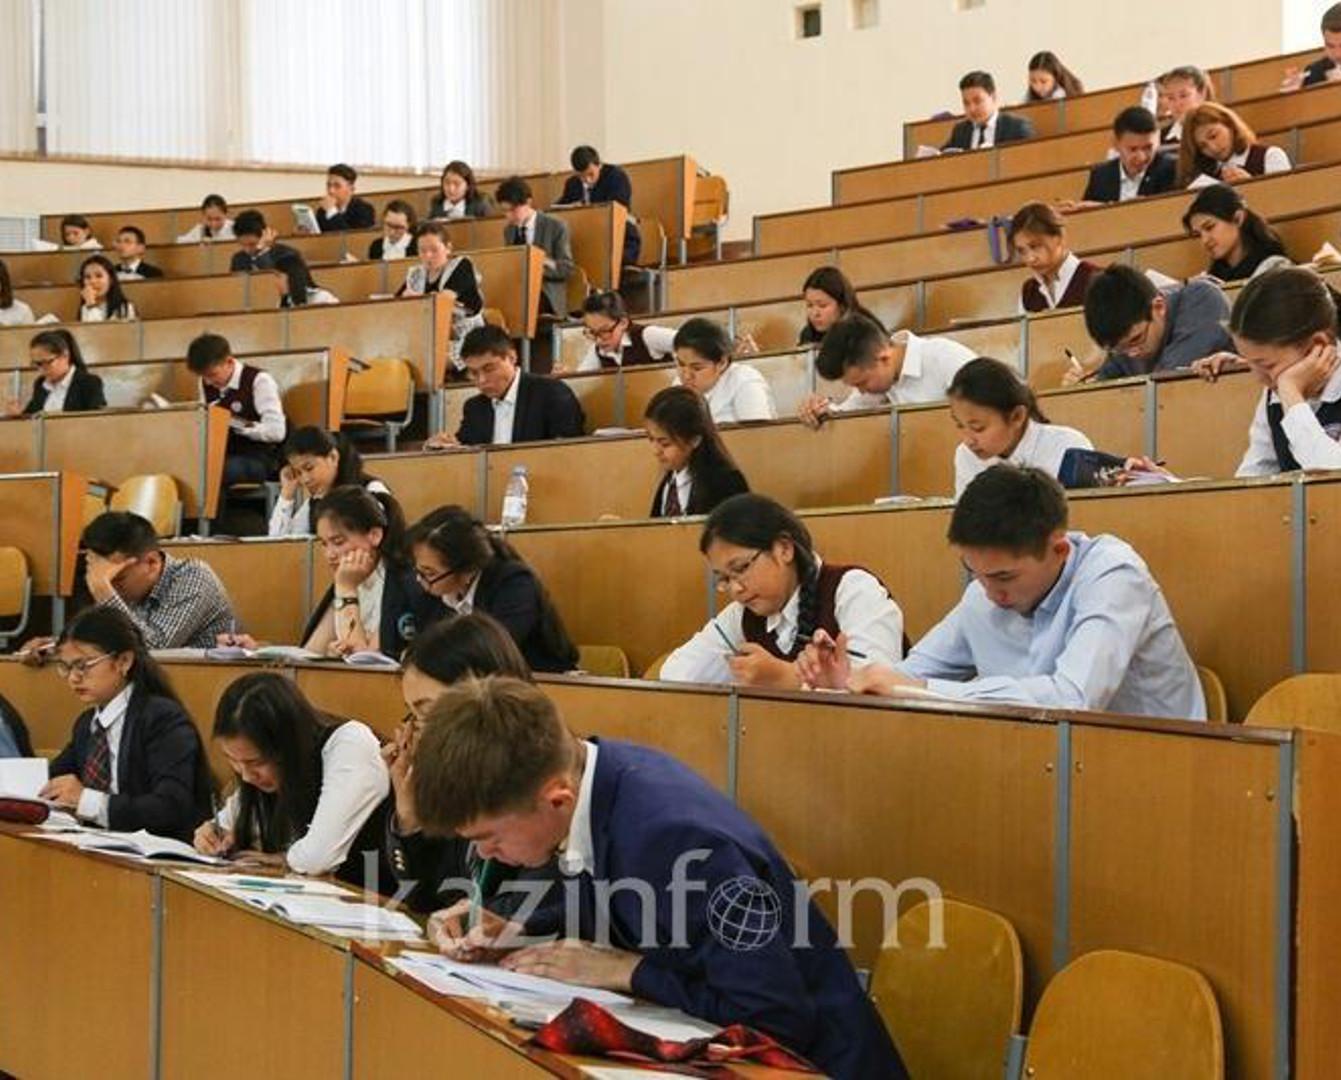 2017 most popular majors in Kazakhstan revealed